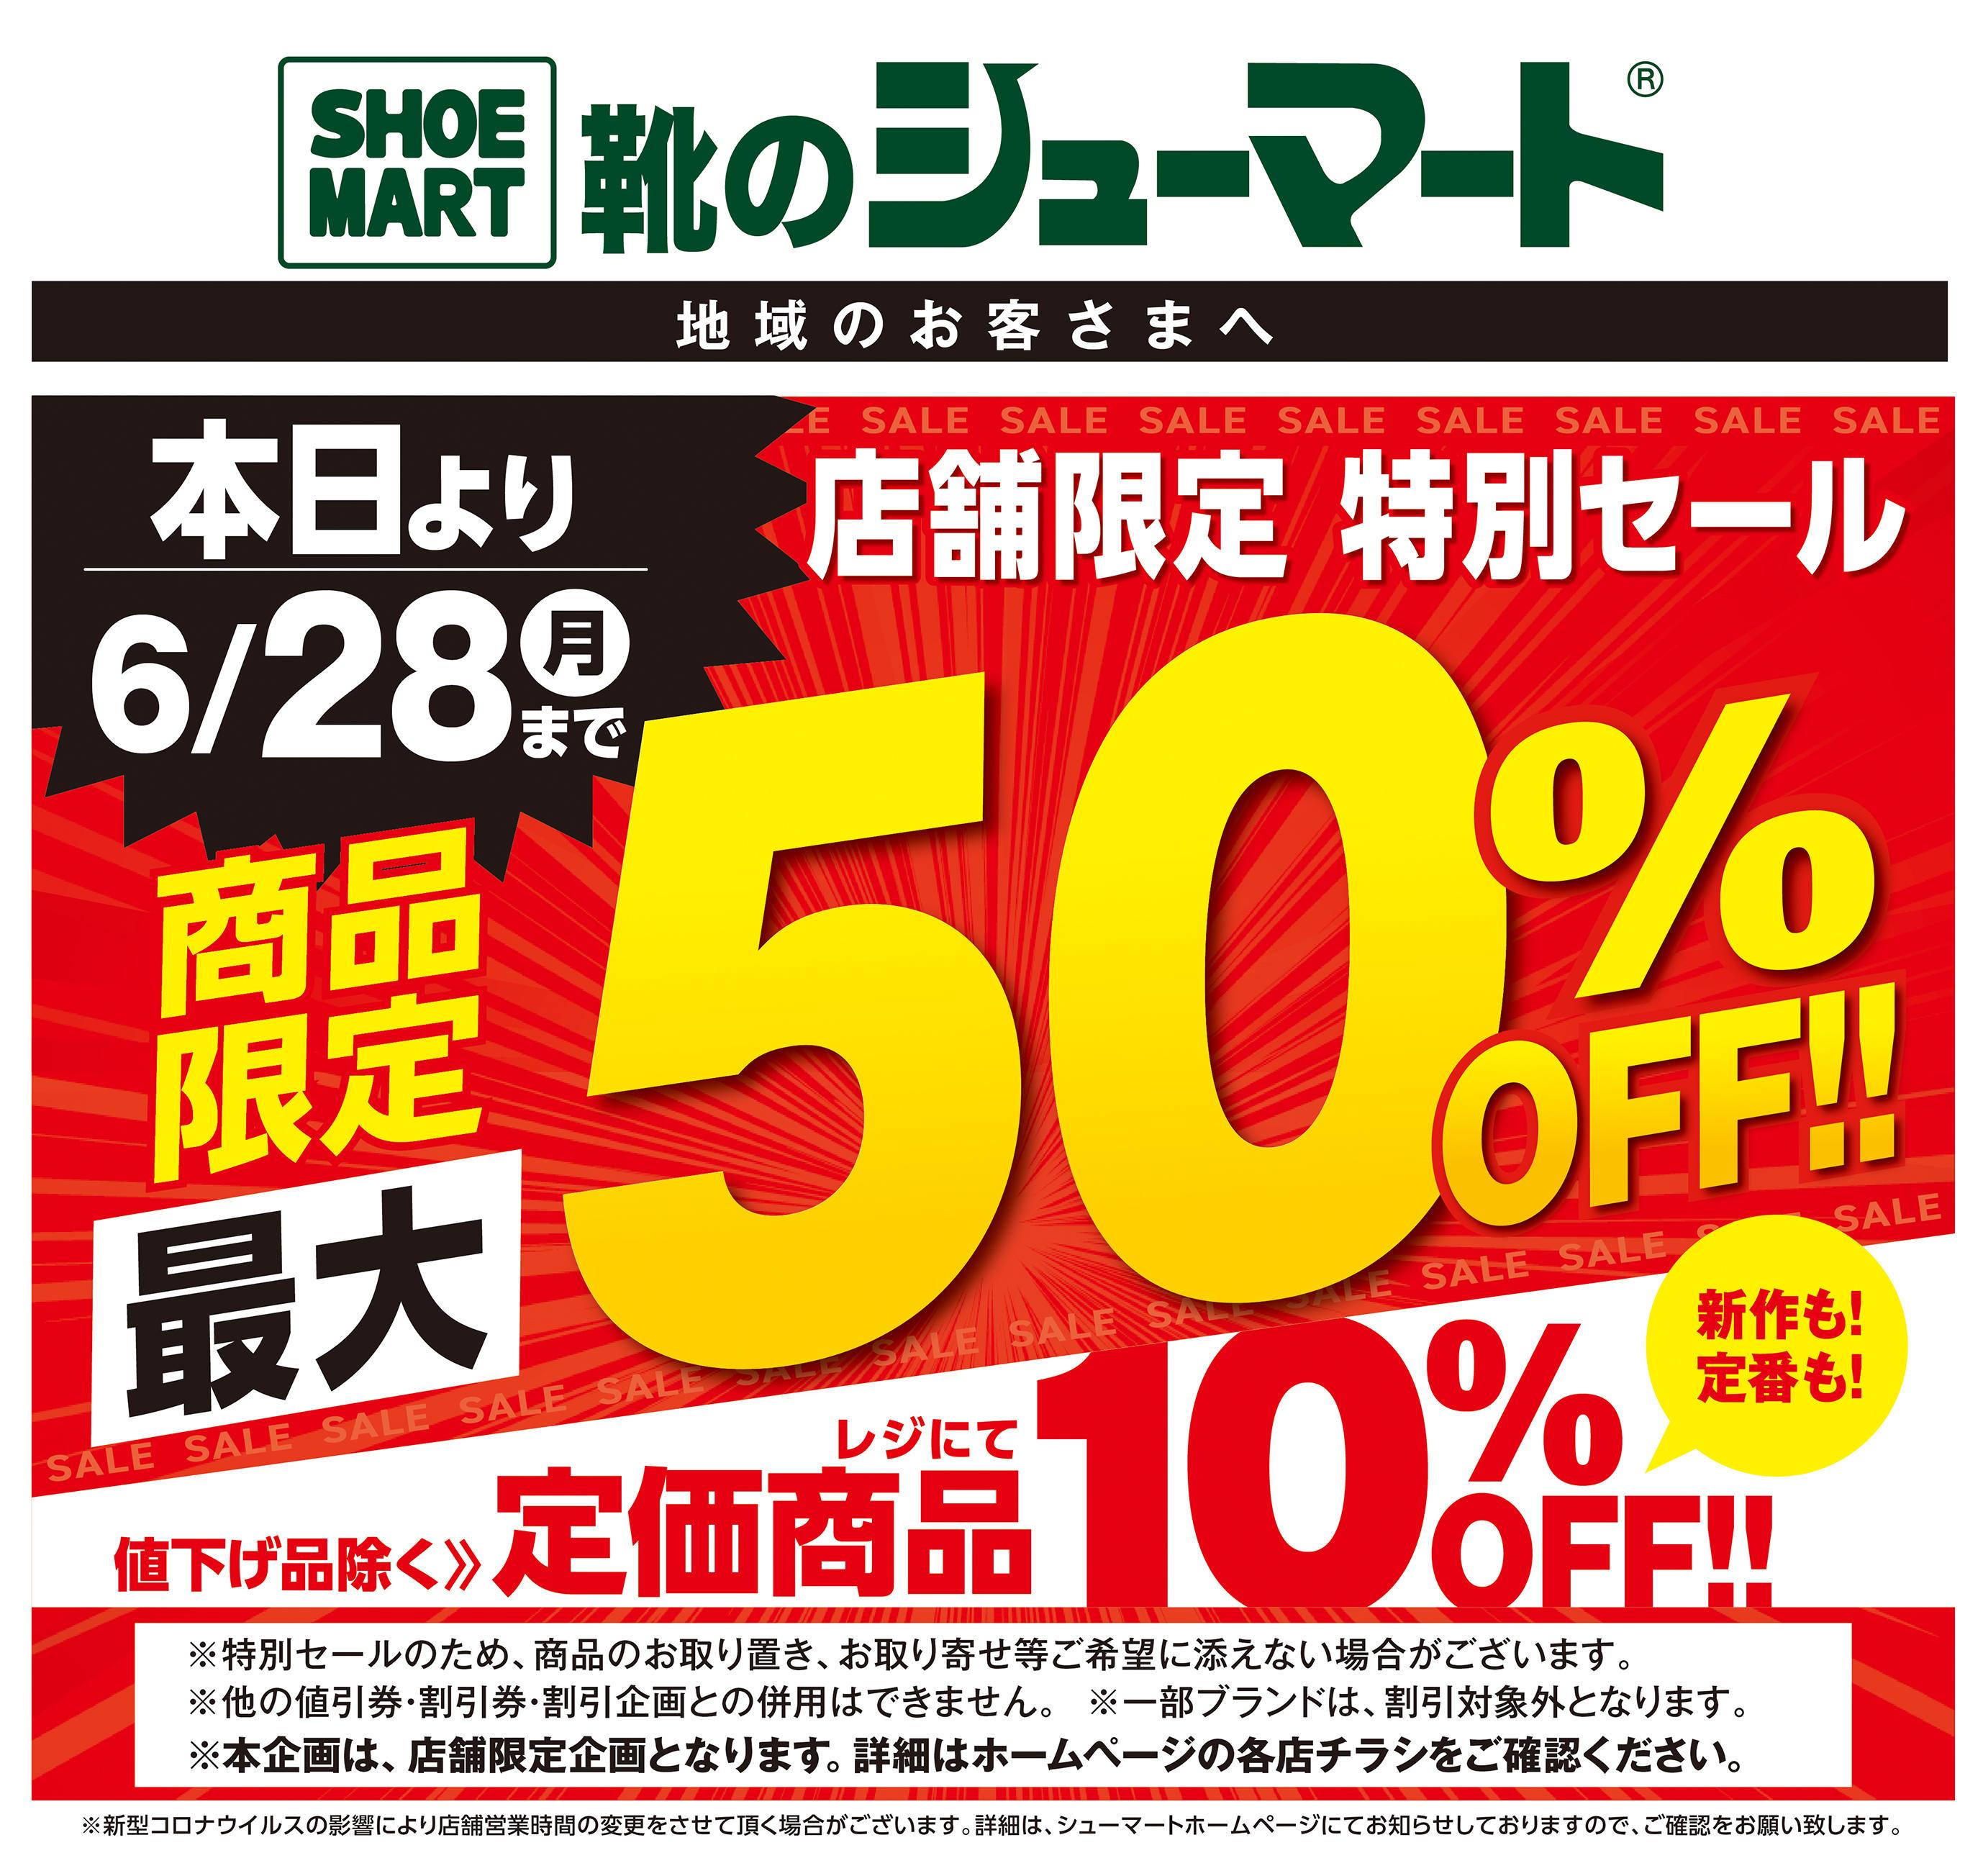 https://www.shoemart.co.jp/images/210610SALE.jpg